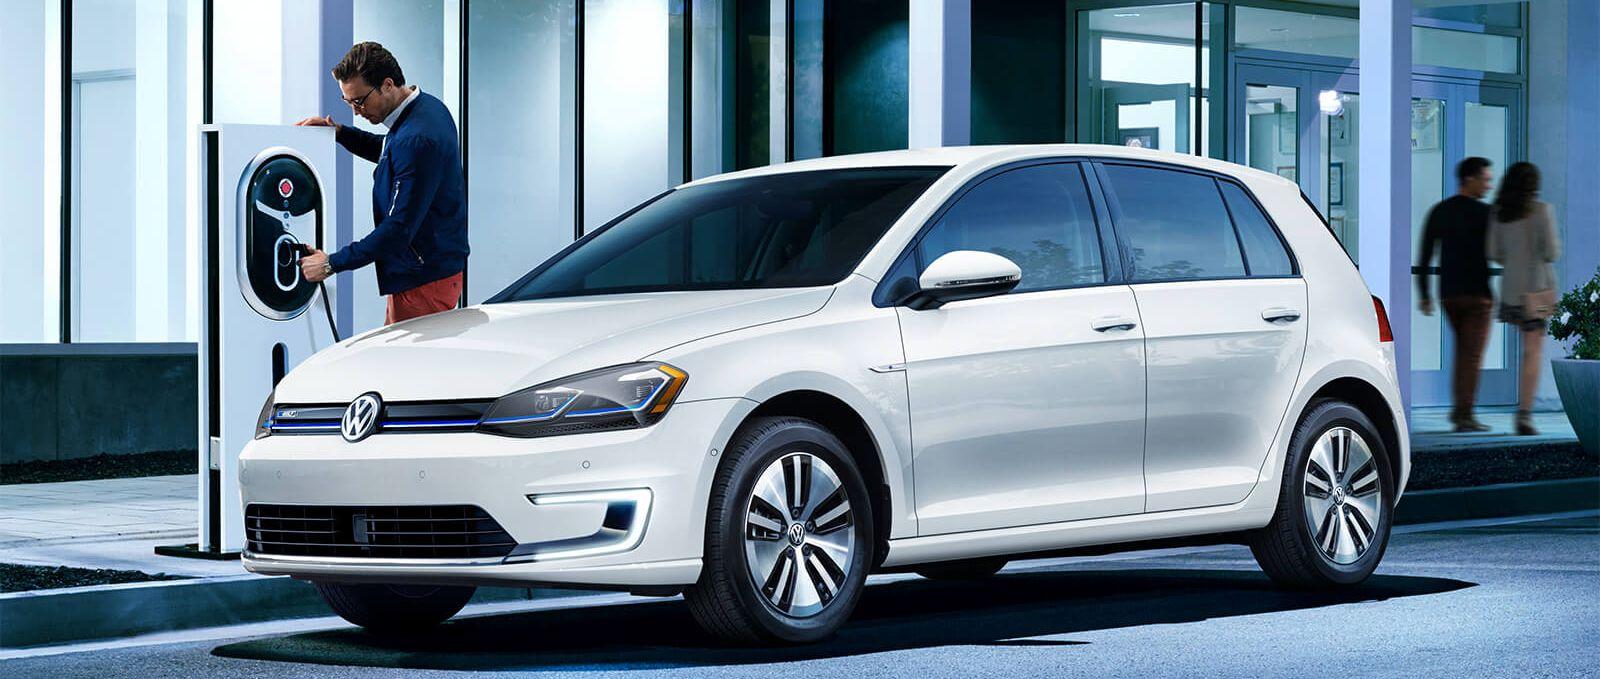 How Efficient is the 2019 Volkswagen e-Golf?